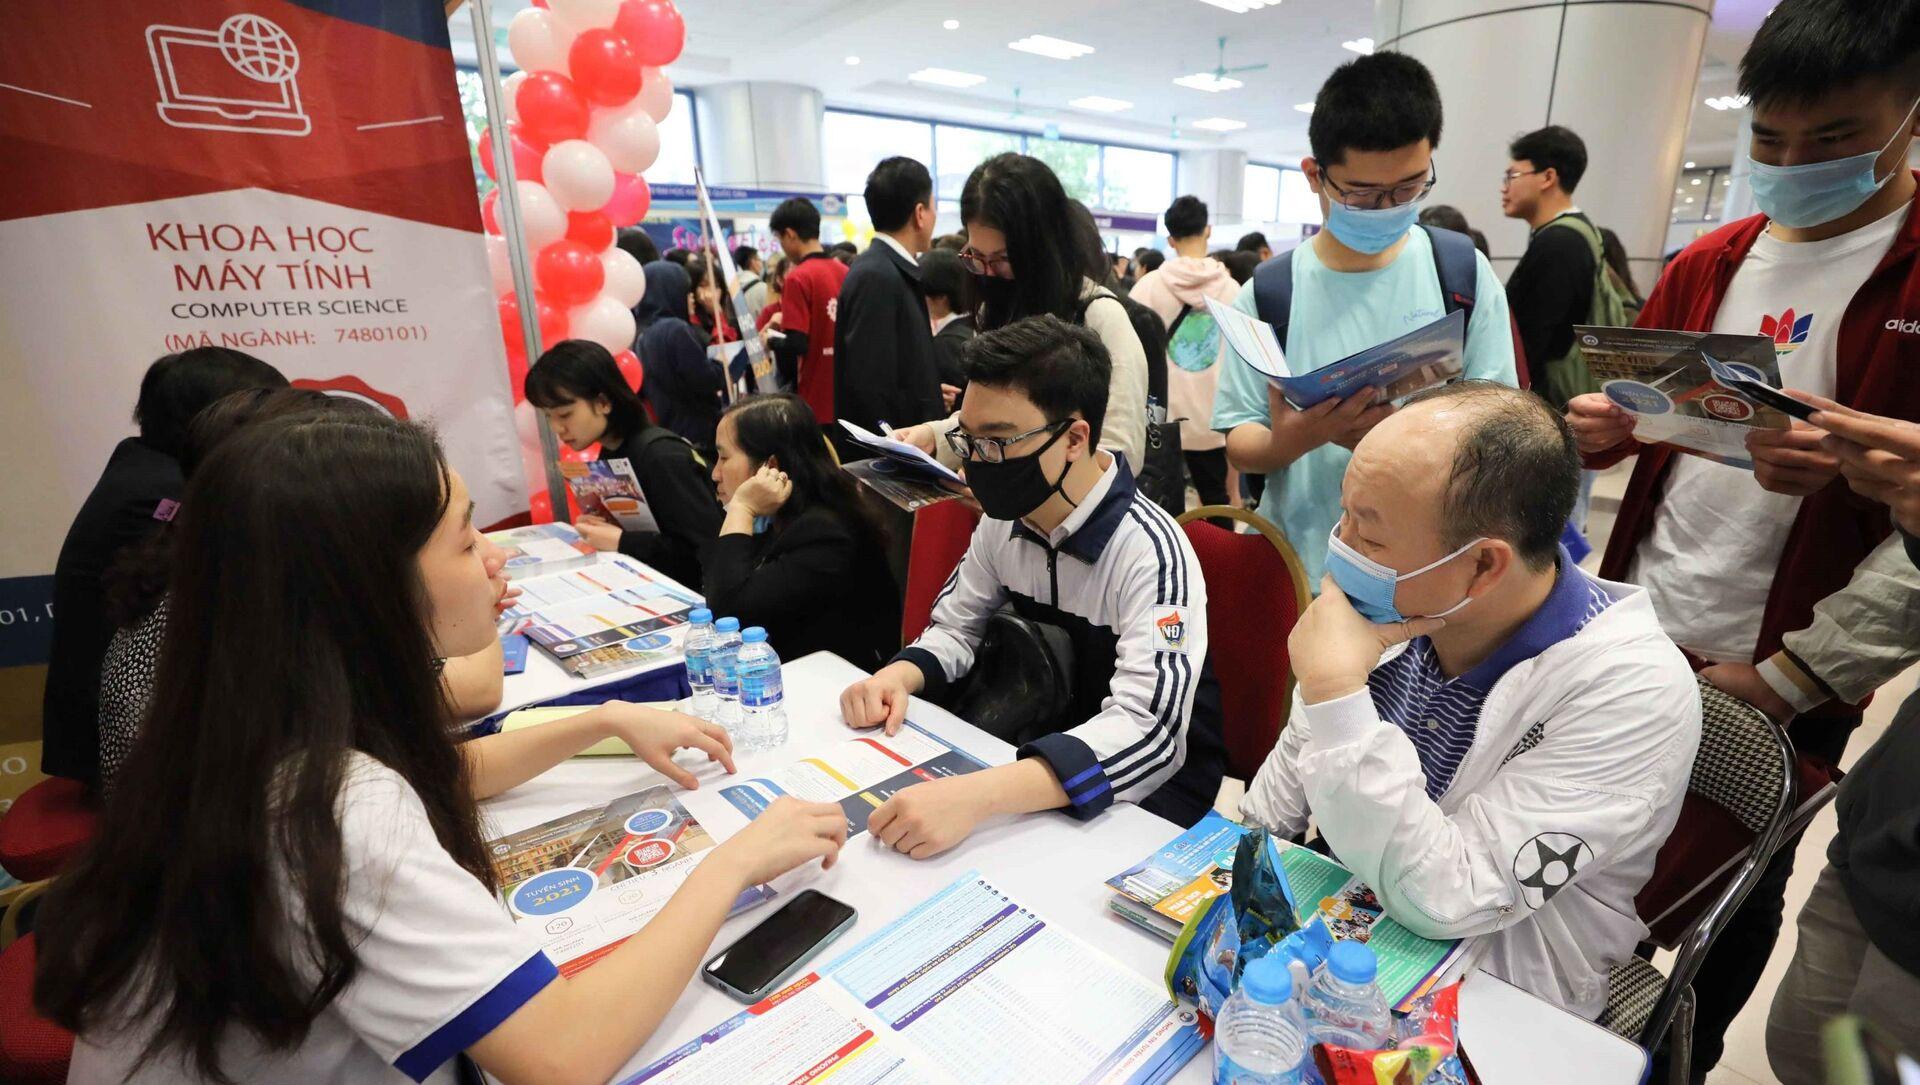 Ngày hội tư vấn tuyển sinh hướng nghiệp năm 2021 trường Đại học Kinh tế Quốc dân - Sputnik Việt Nam, 1920, 24.05.2021